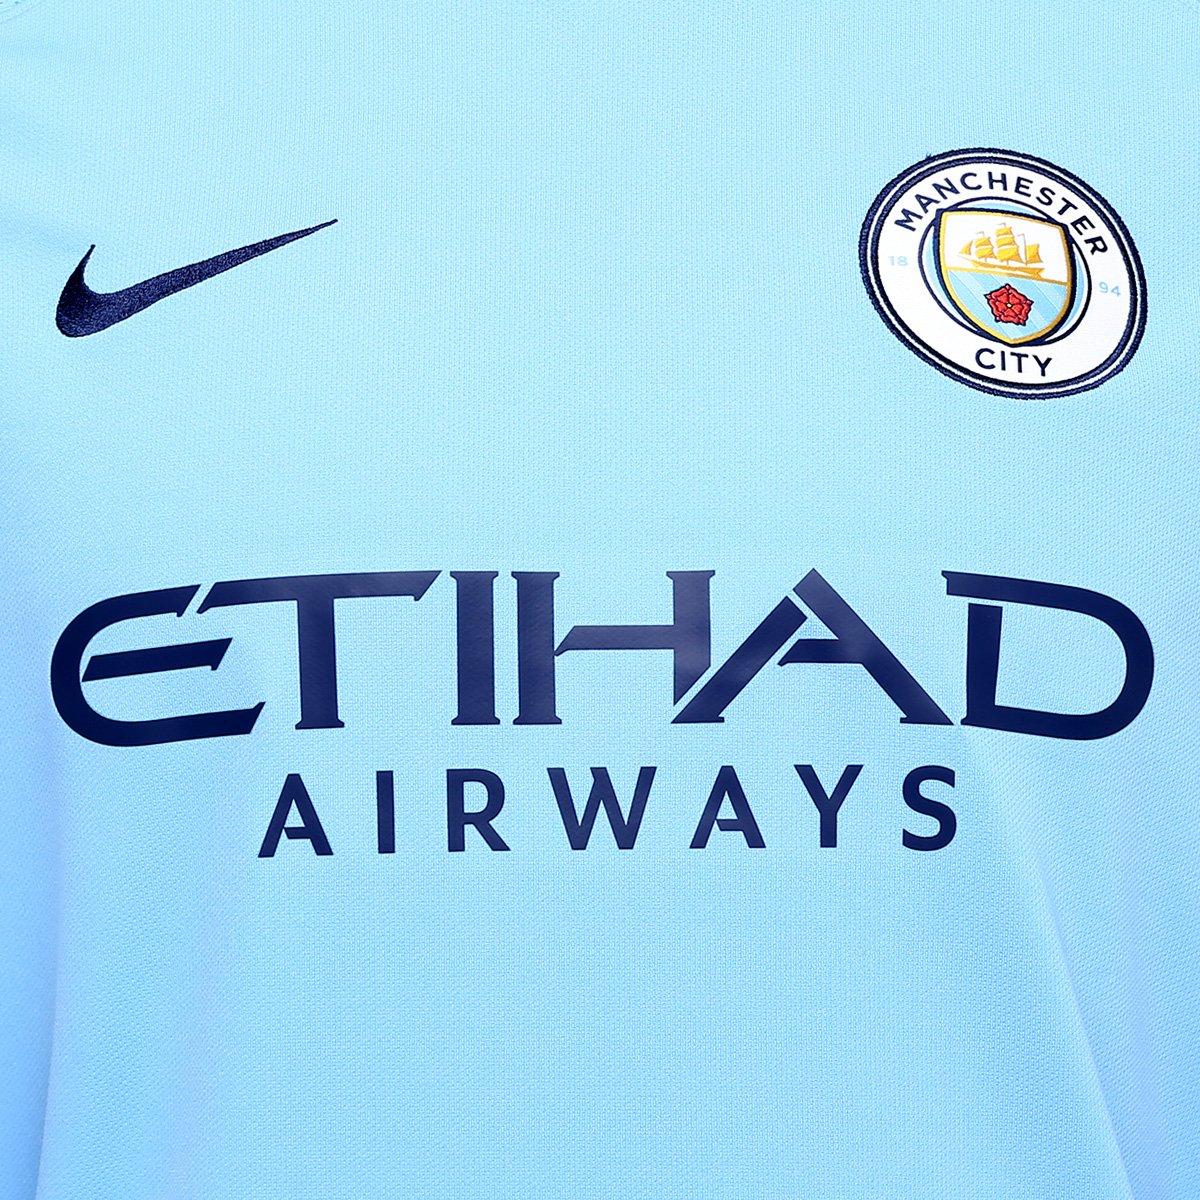 be7ad9fca84cc Camisa Manchester City Home 17/18 s/nº Torcedor Nike Masculina | Livelo  -Sua Vida com Mais Recompensas